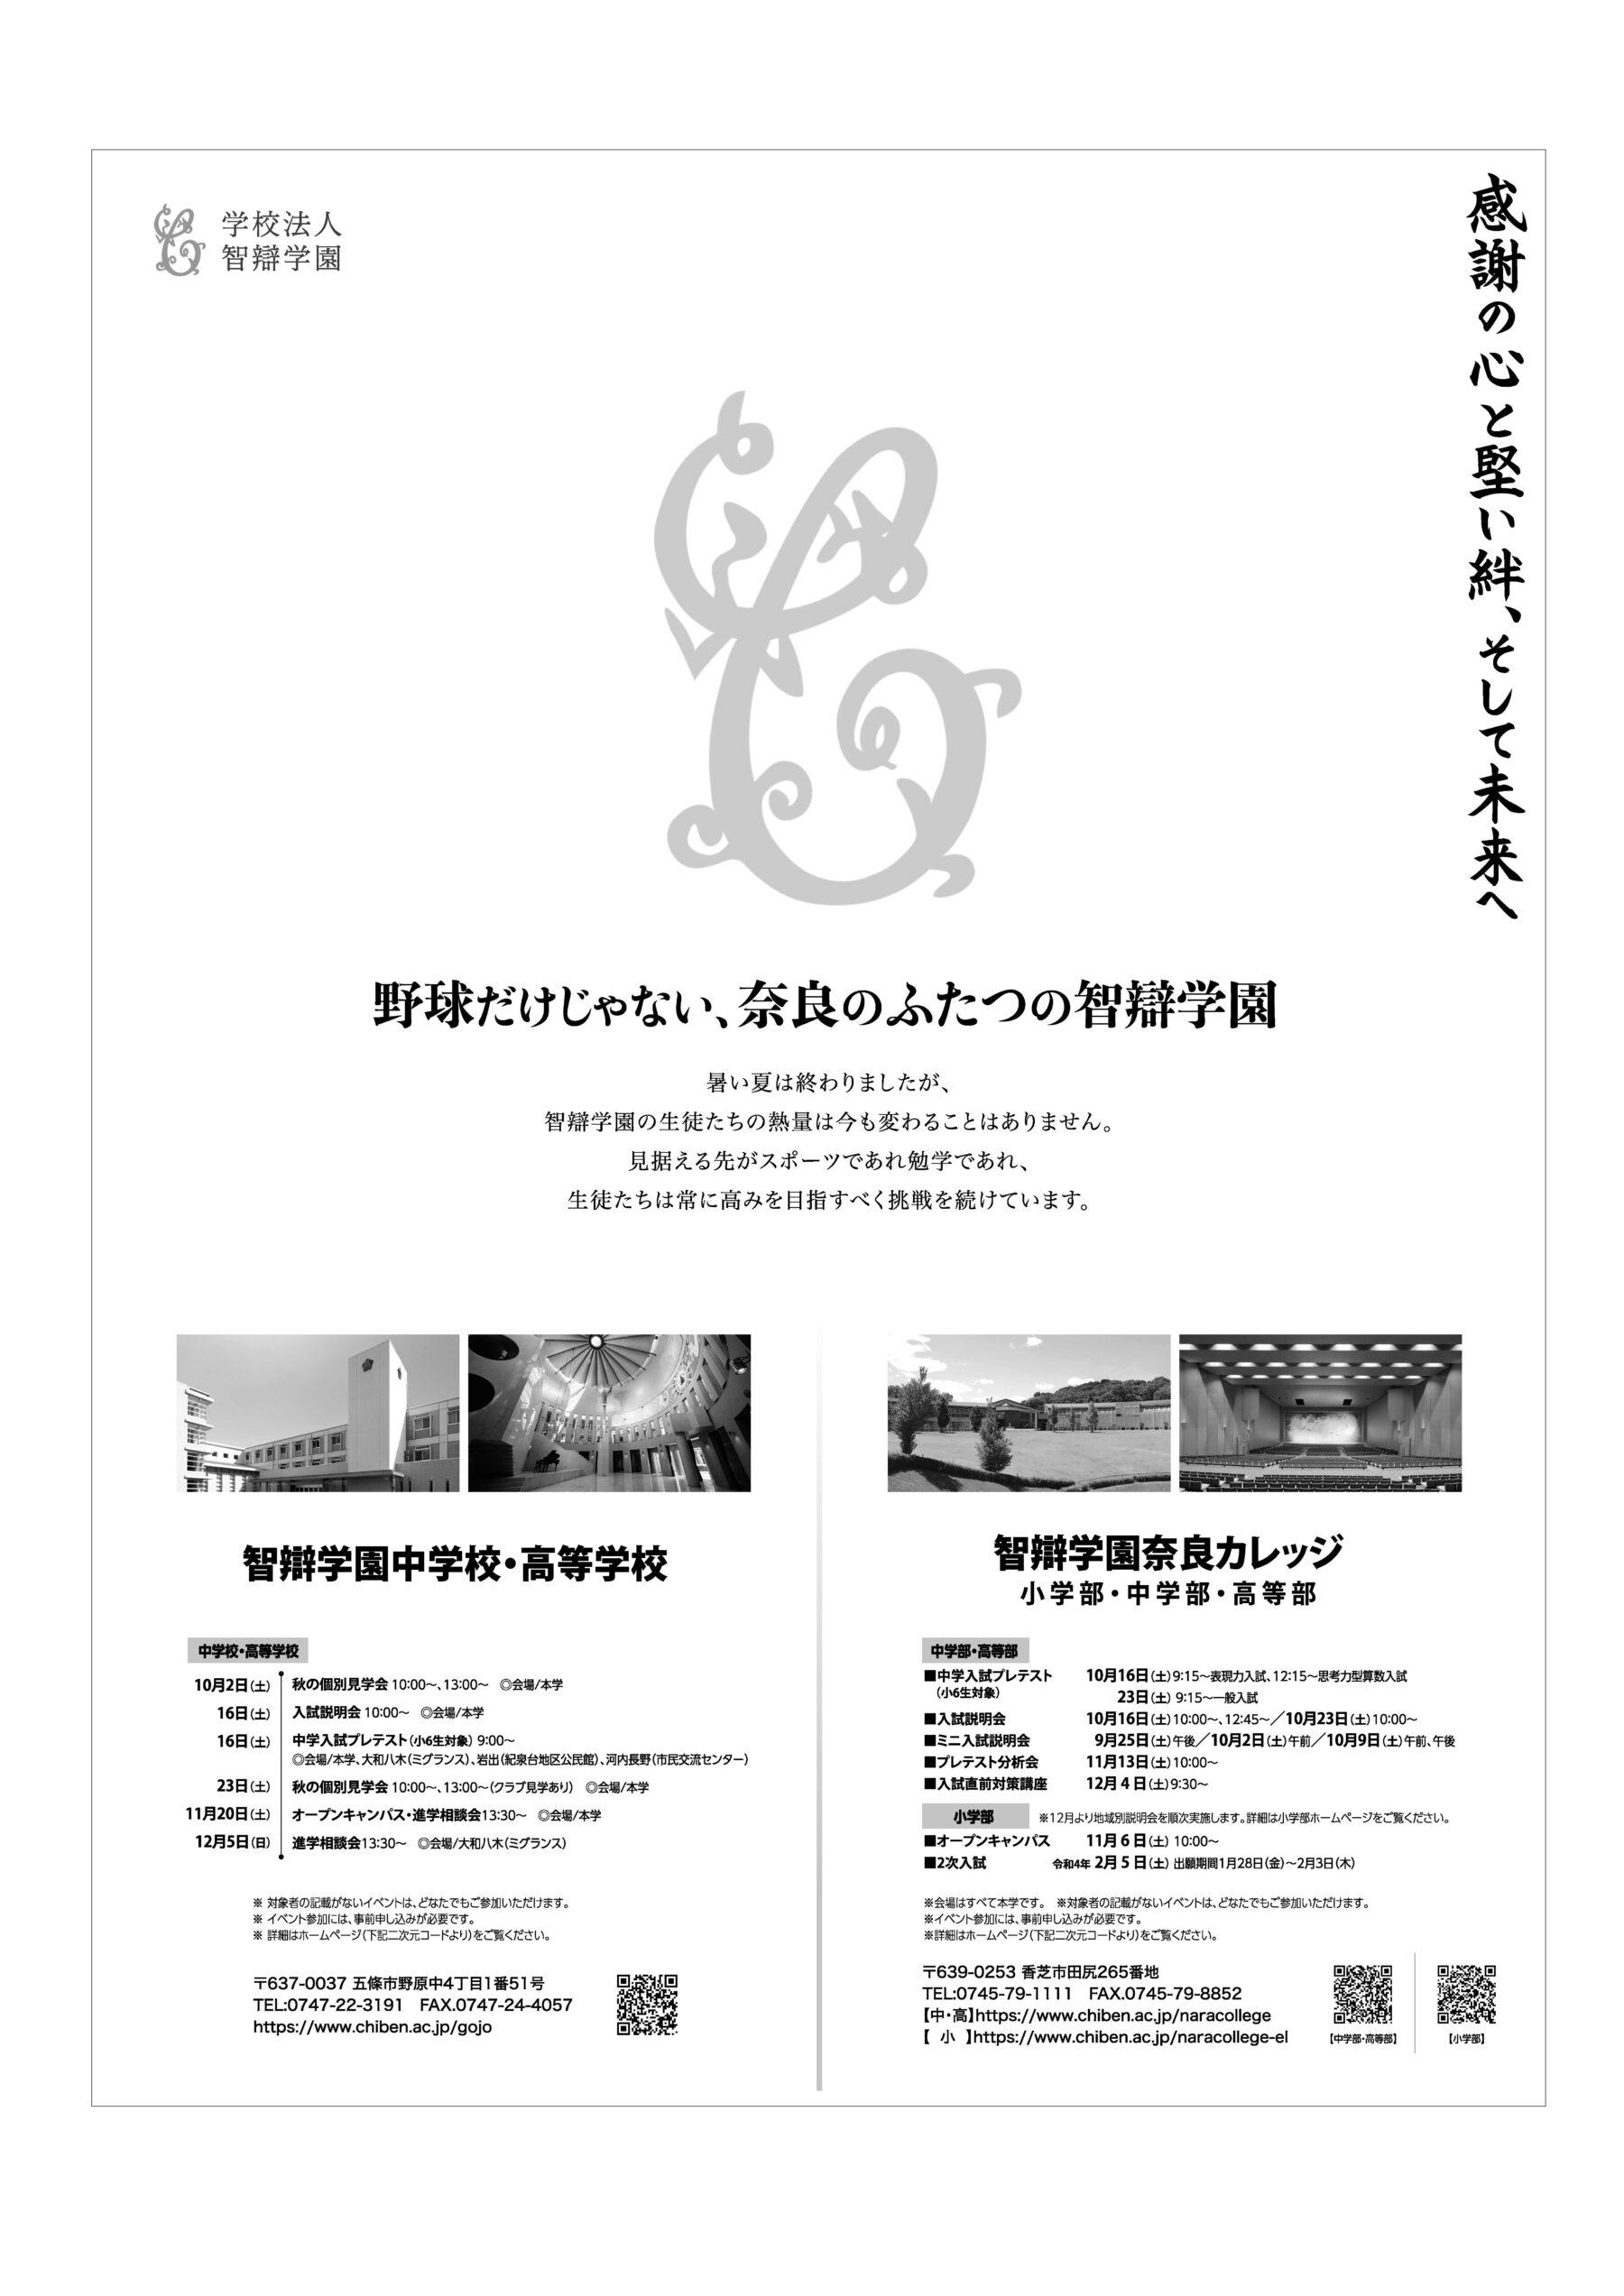 【中学・高校】毎日新聞掲載広告(2021.9.24.朝刊)